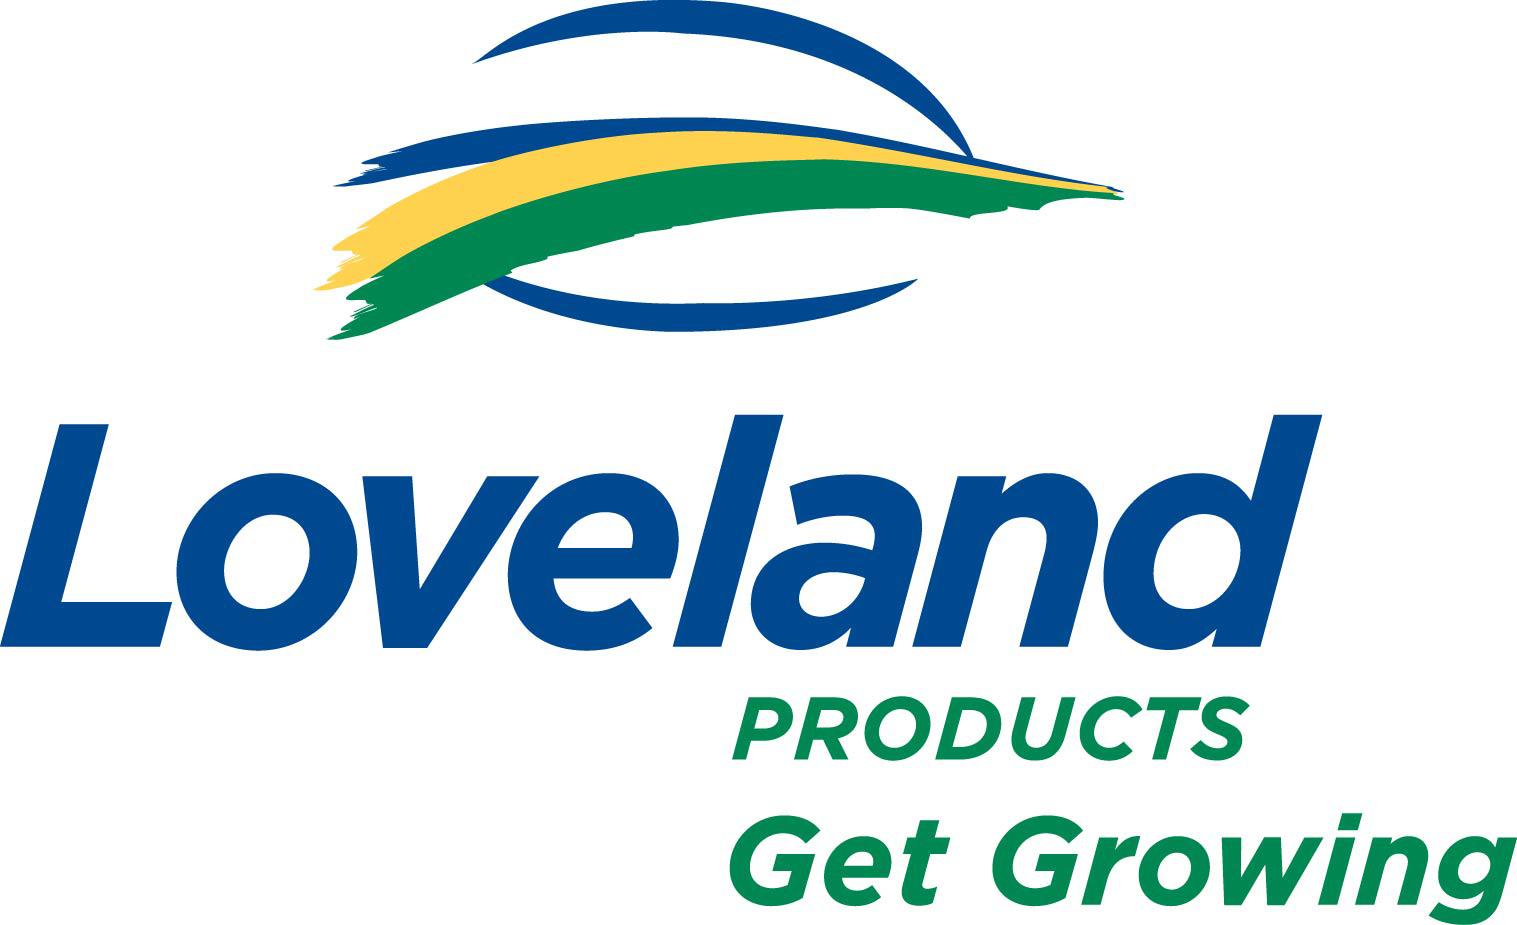 Loveland_silver_sponsor.jpg